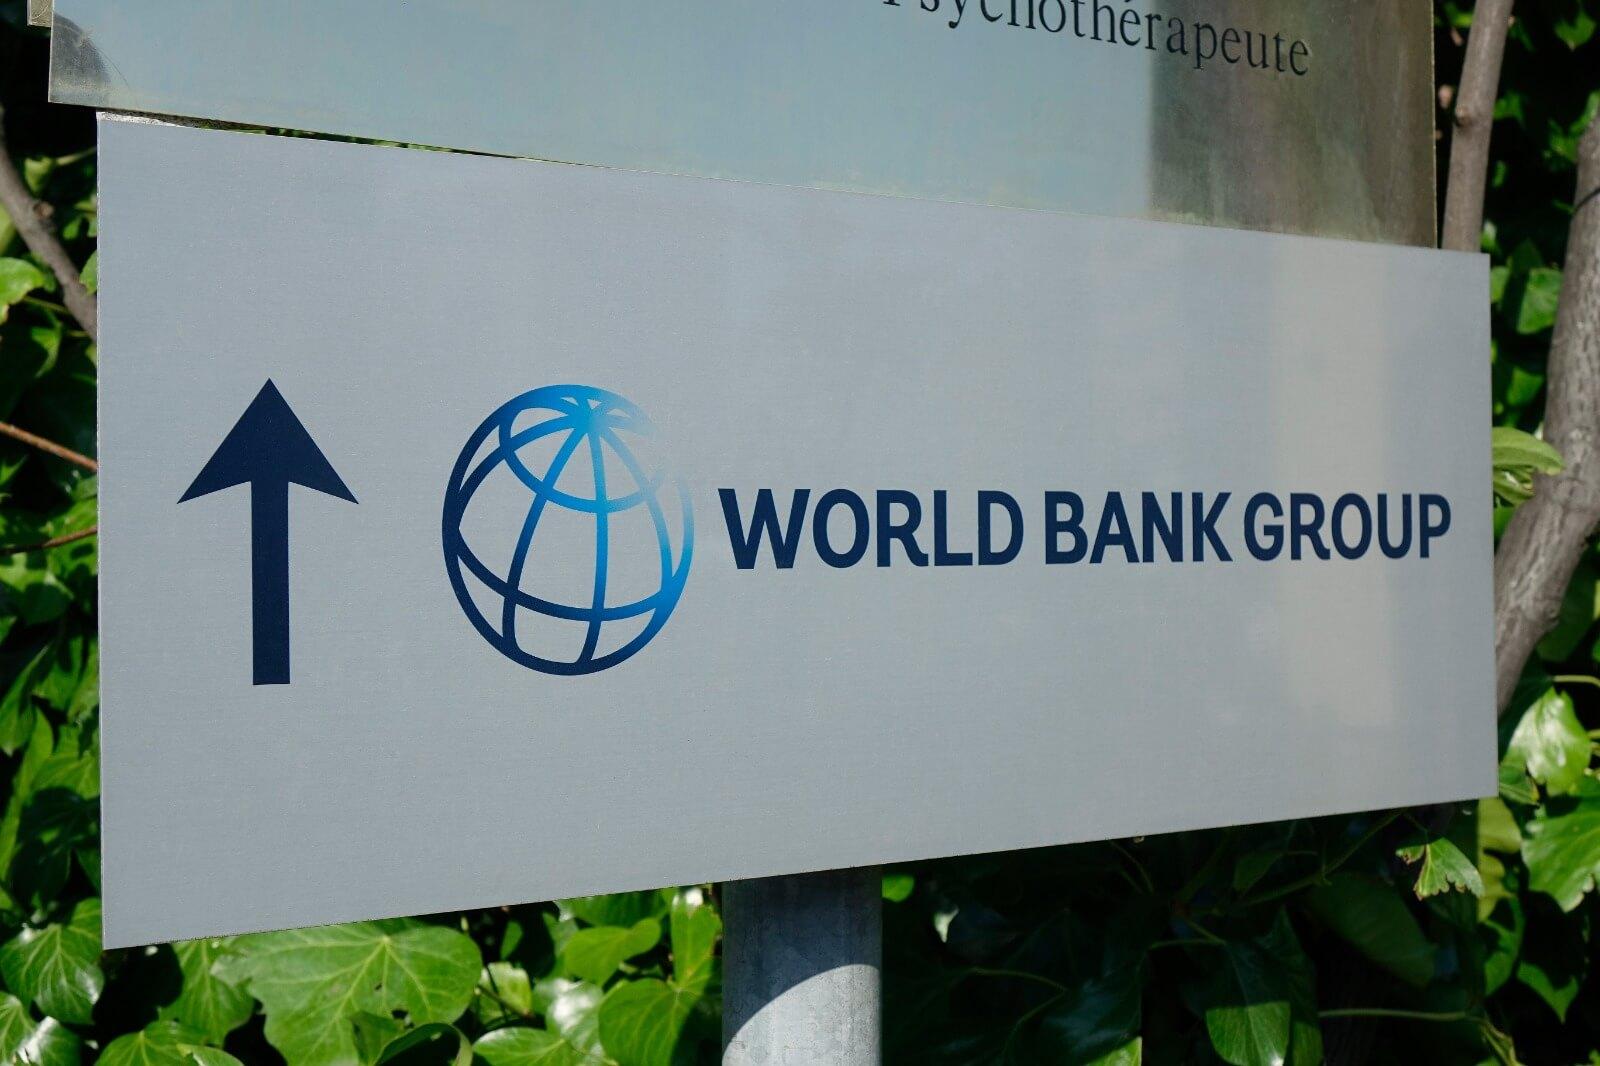 Nein, ein Dokument der Weltbank beweist nicht, dass die Quarantänemaßnahmen bis 2025 andauern